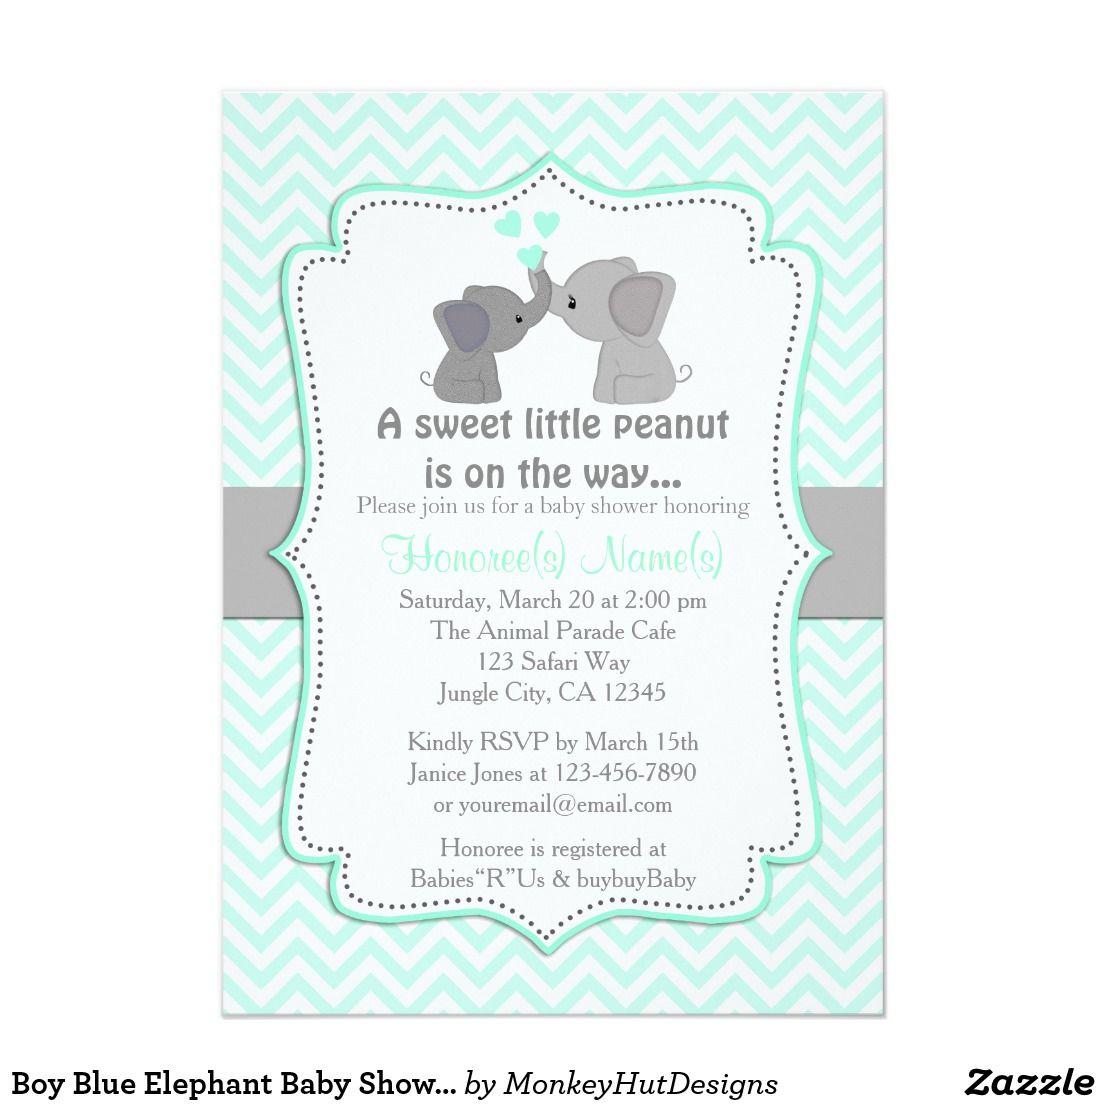 Boy Blue Elephant Baby Shower Invitations Chev 330 | Baby shower ...